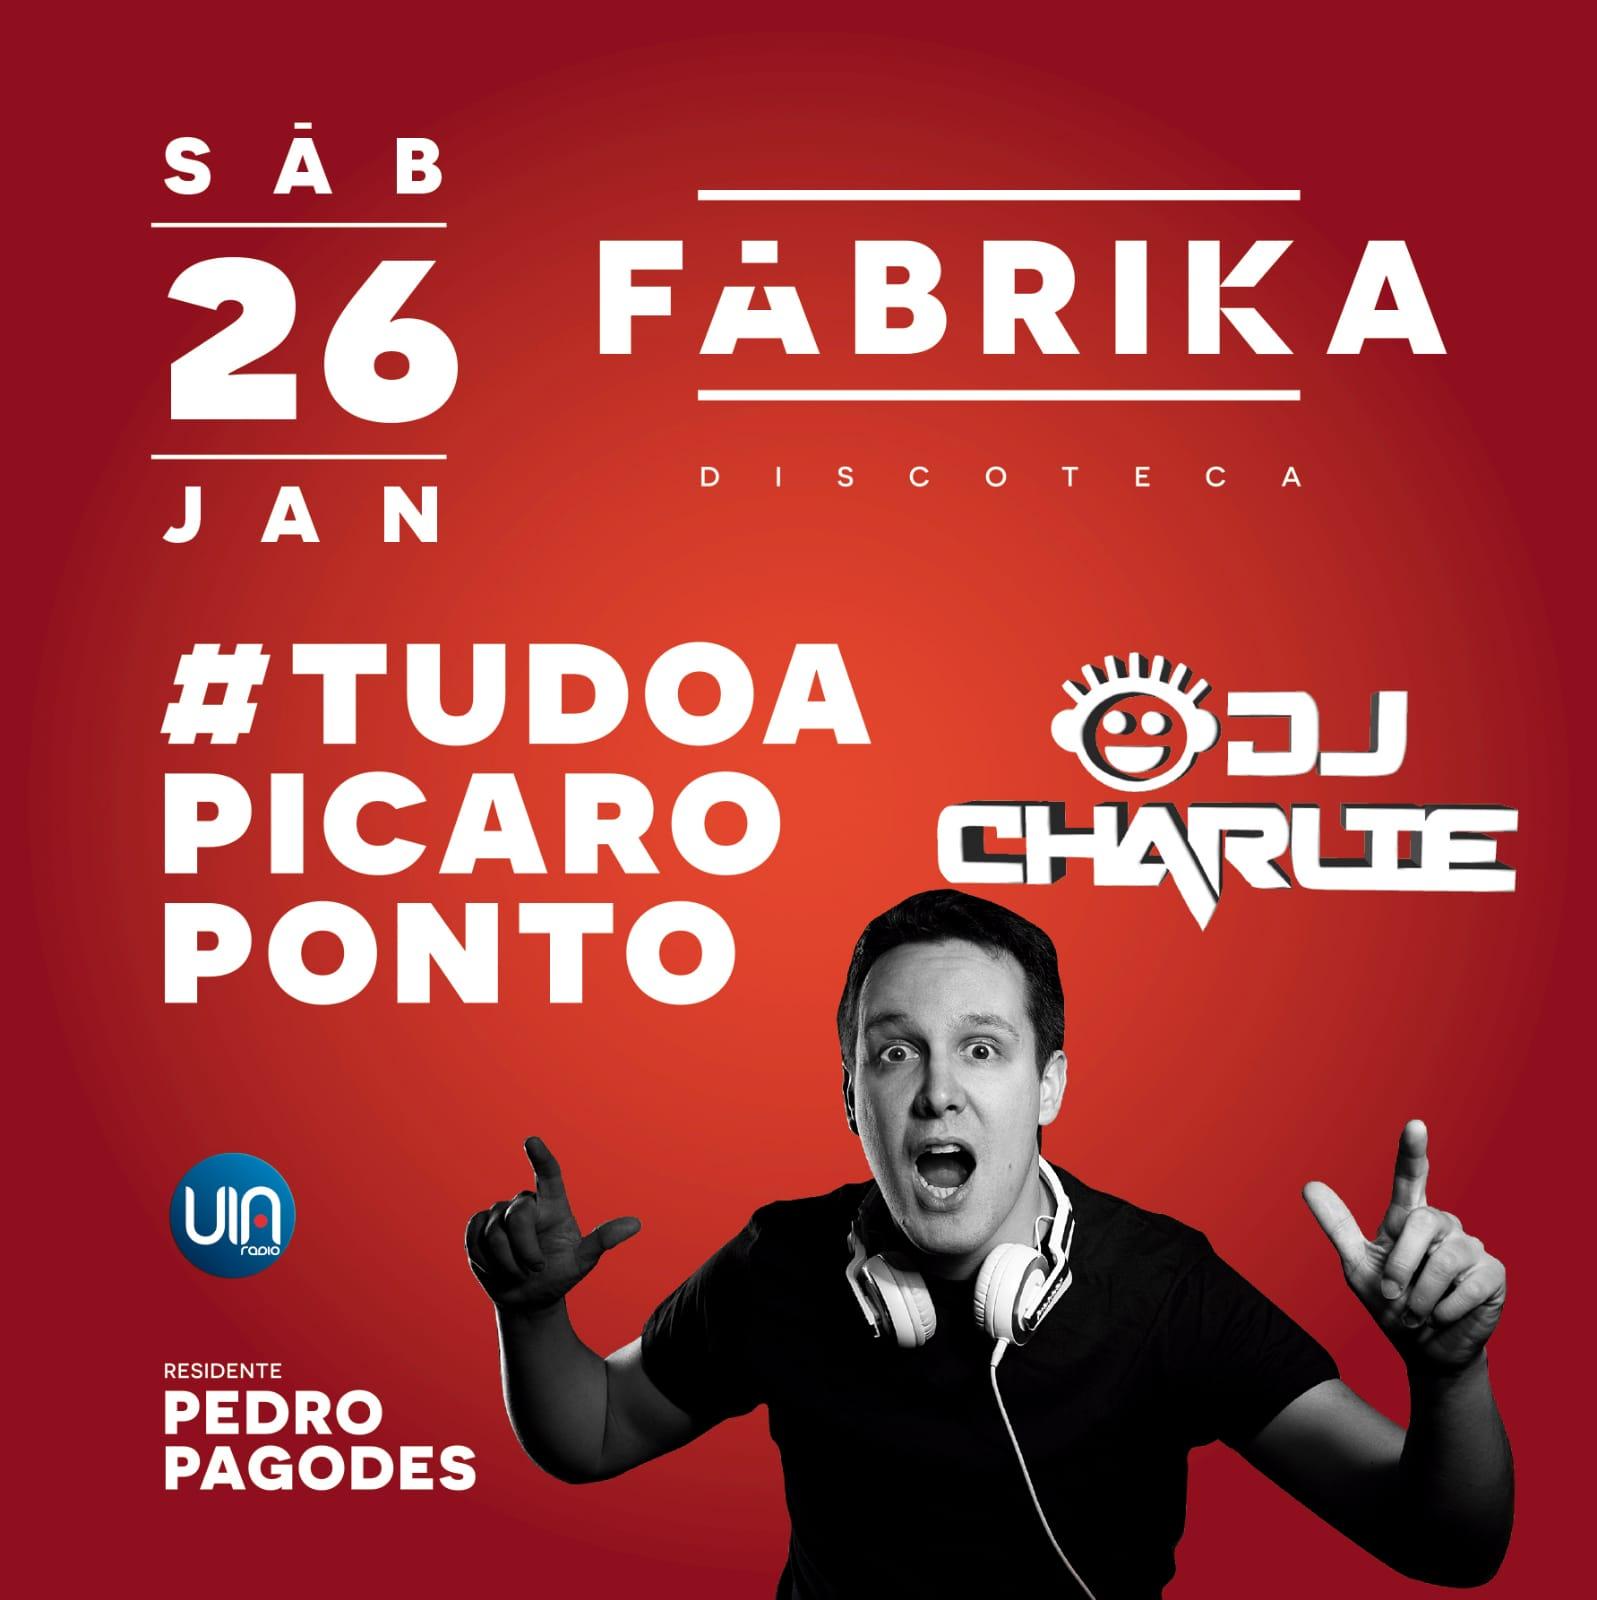 26-01-2019 Fabrika